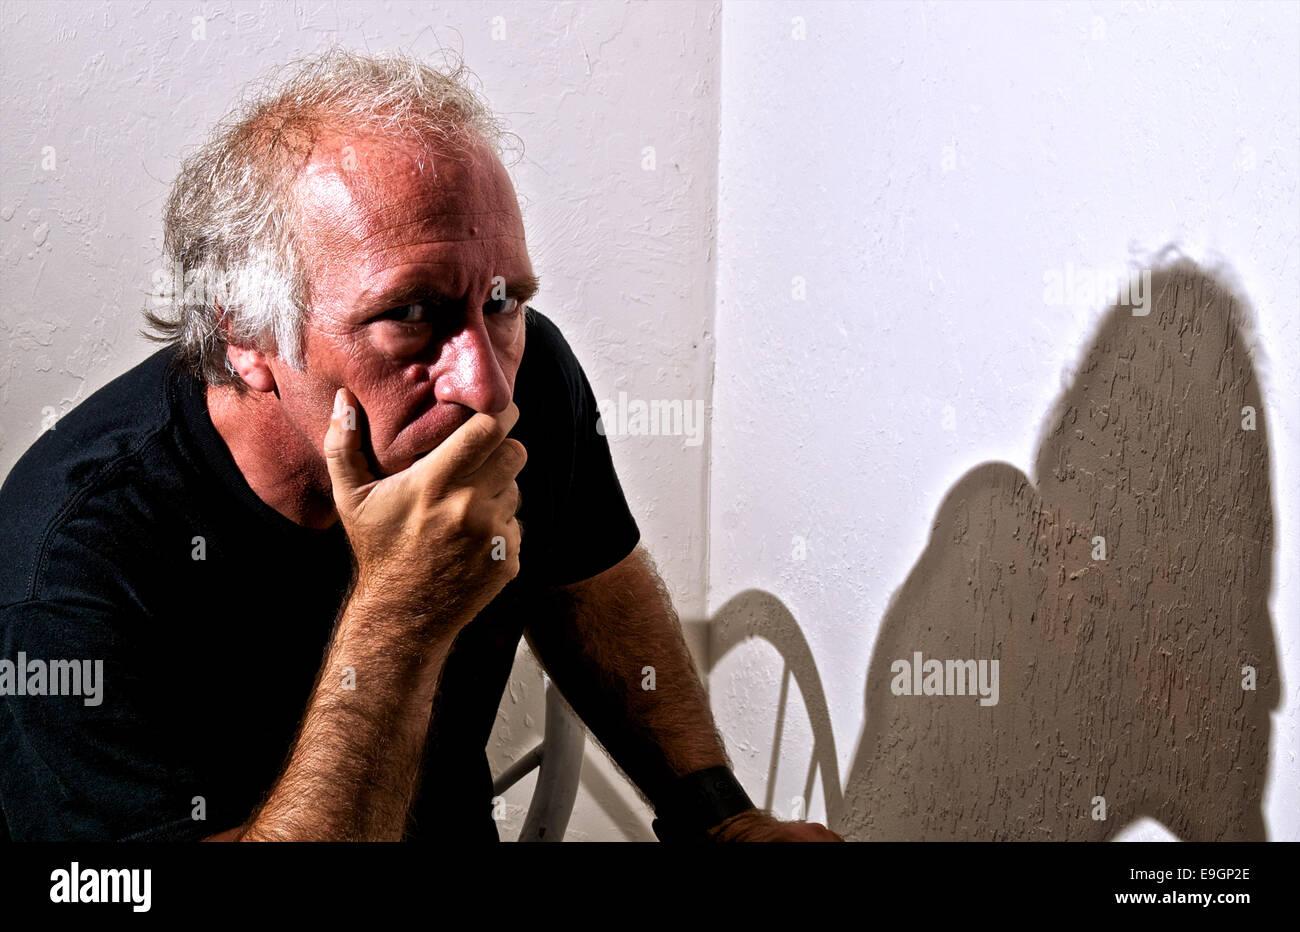 Un vecchio uomo bianco è di guardare direttamente viewer con un grave guardare negli occhi e che copre la bocca Immagini Stock